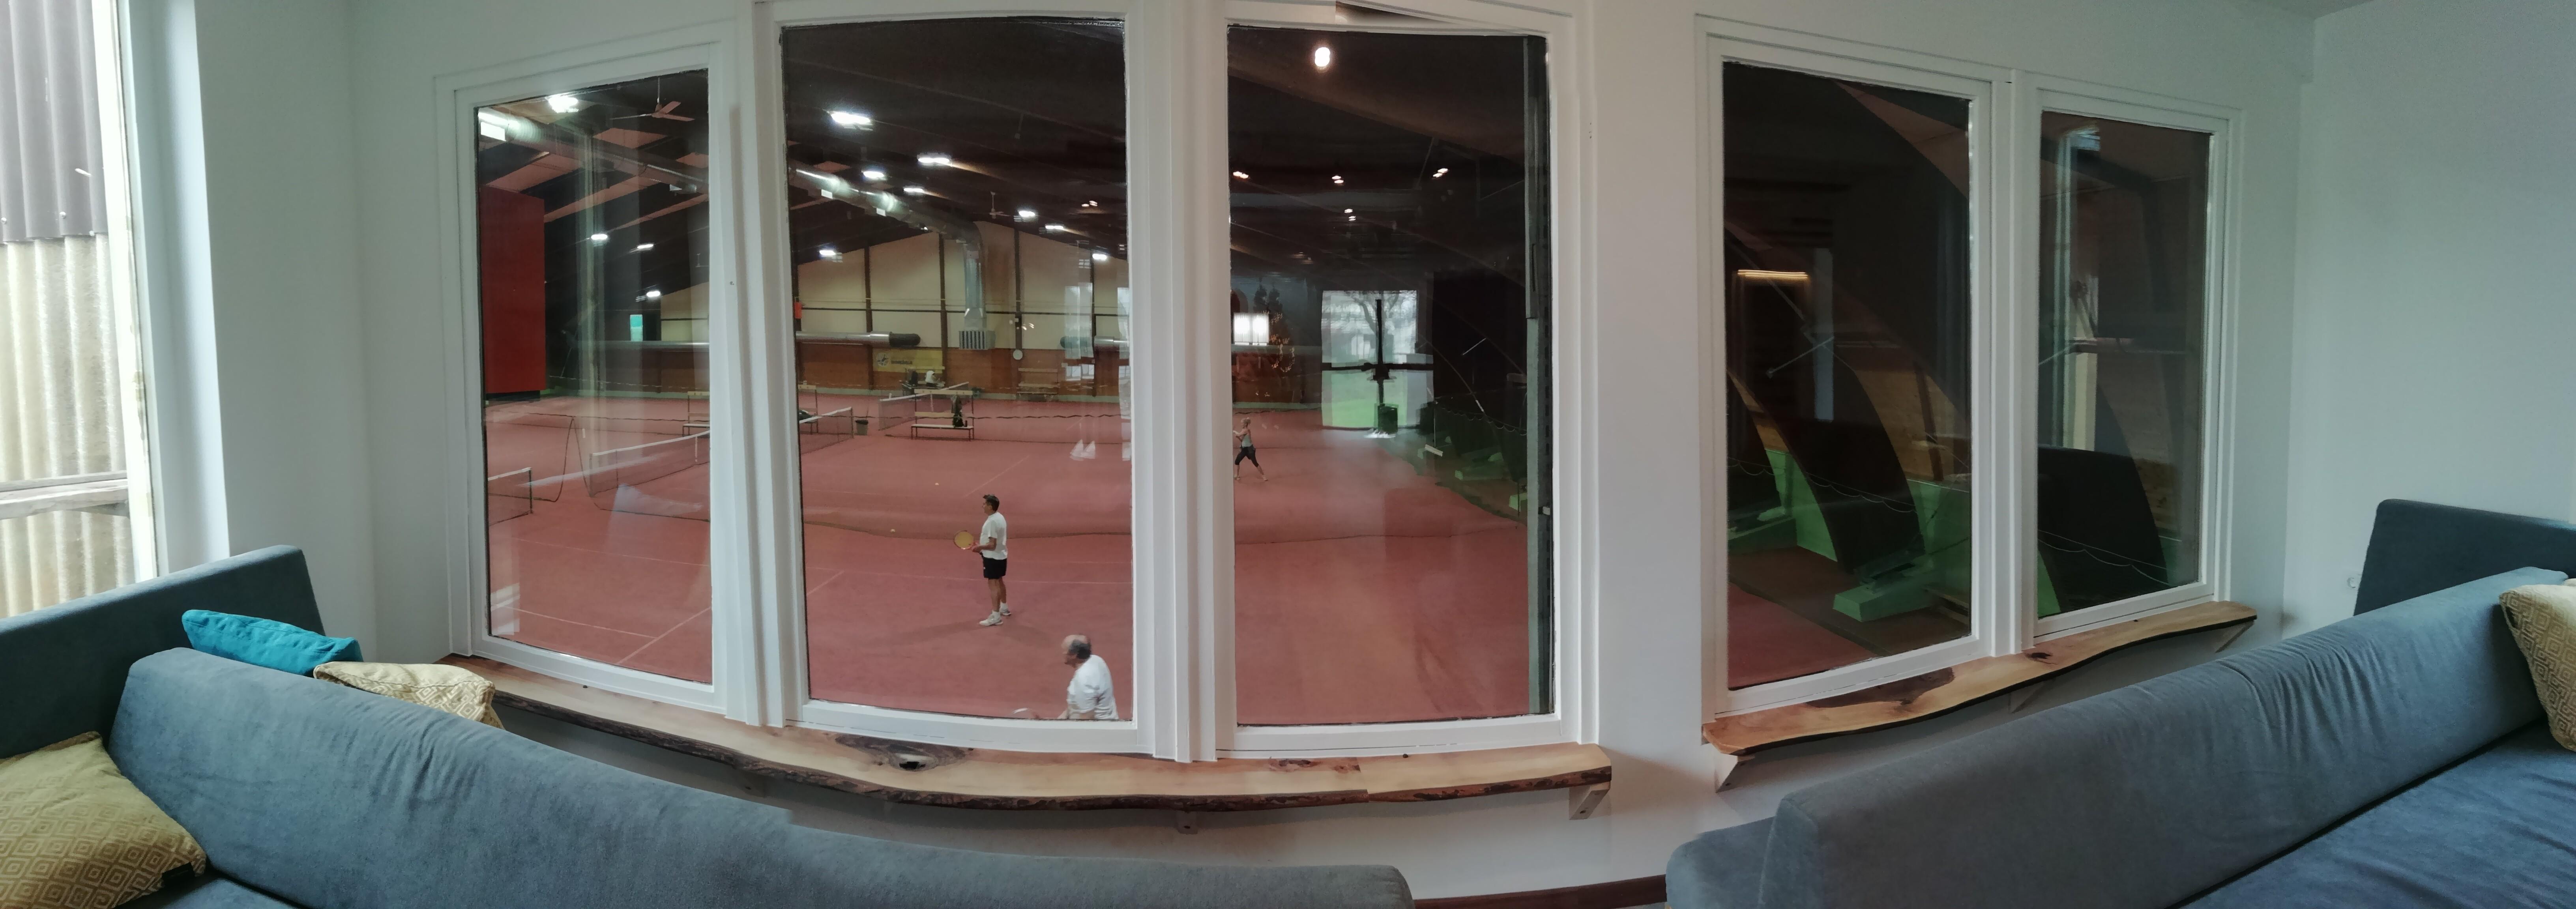 Tenis v Domžalah